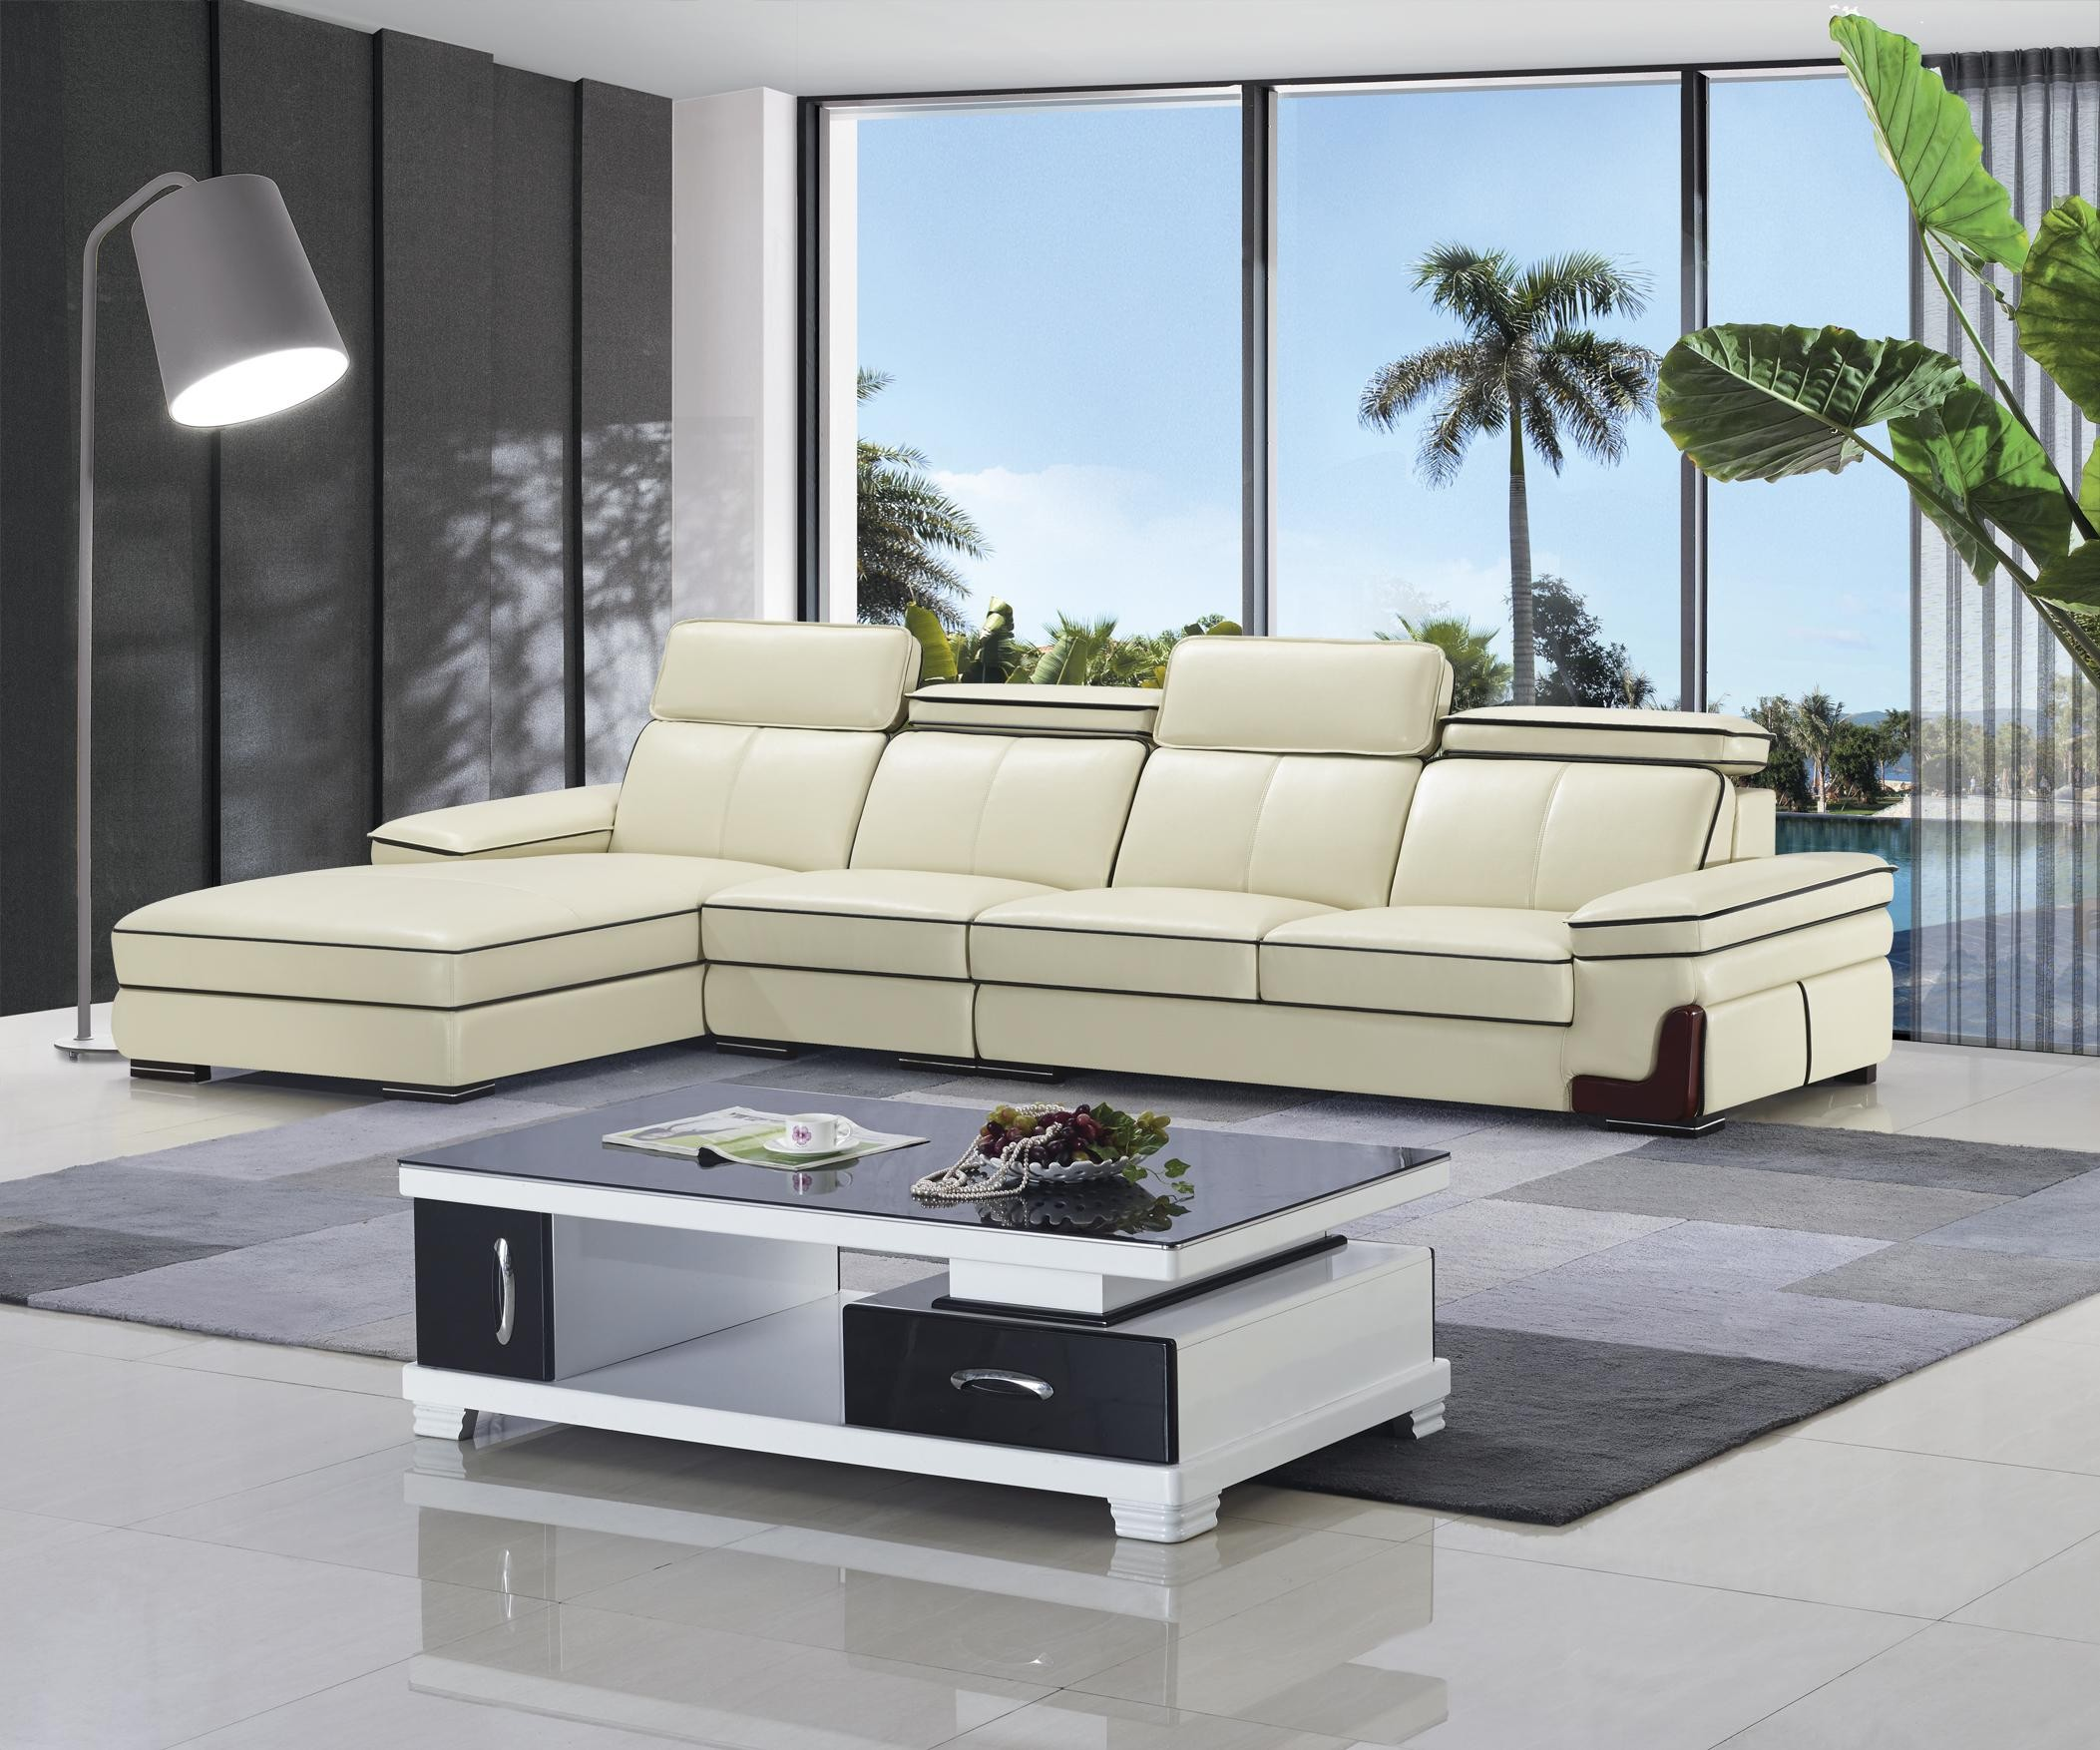 Arredamenti mobili camera da letto soggiorno cucina divani - Mobili cucina ad angolo ...